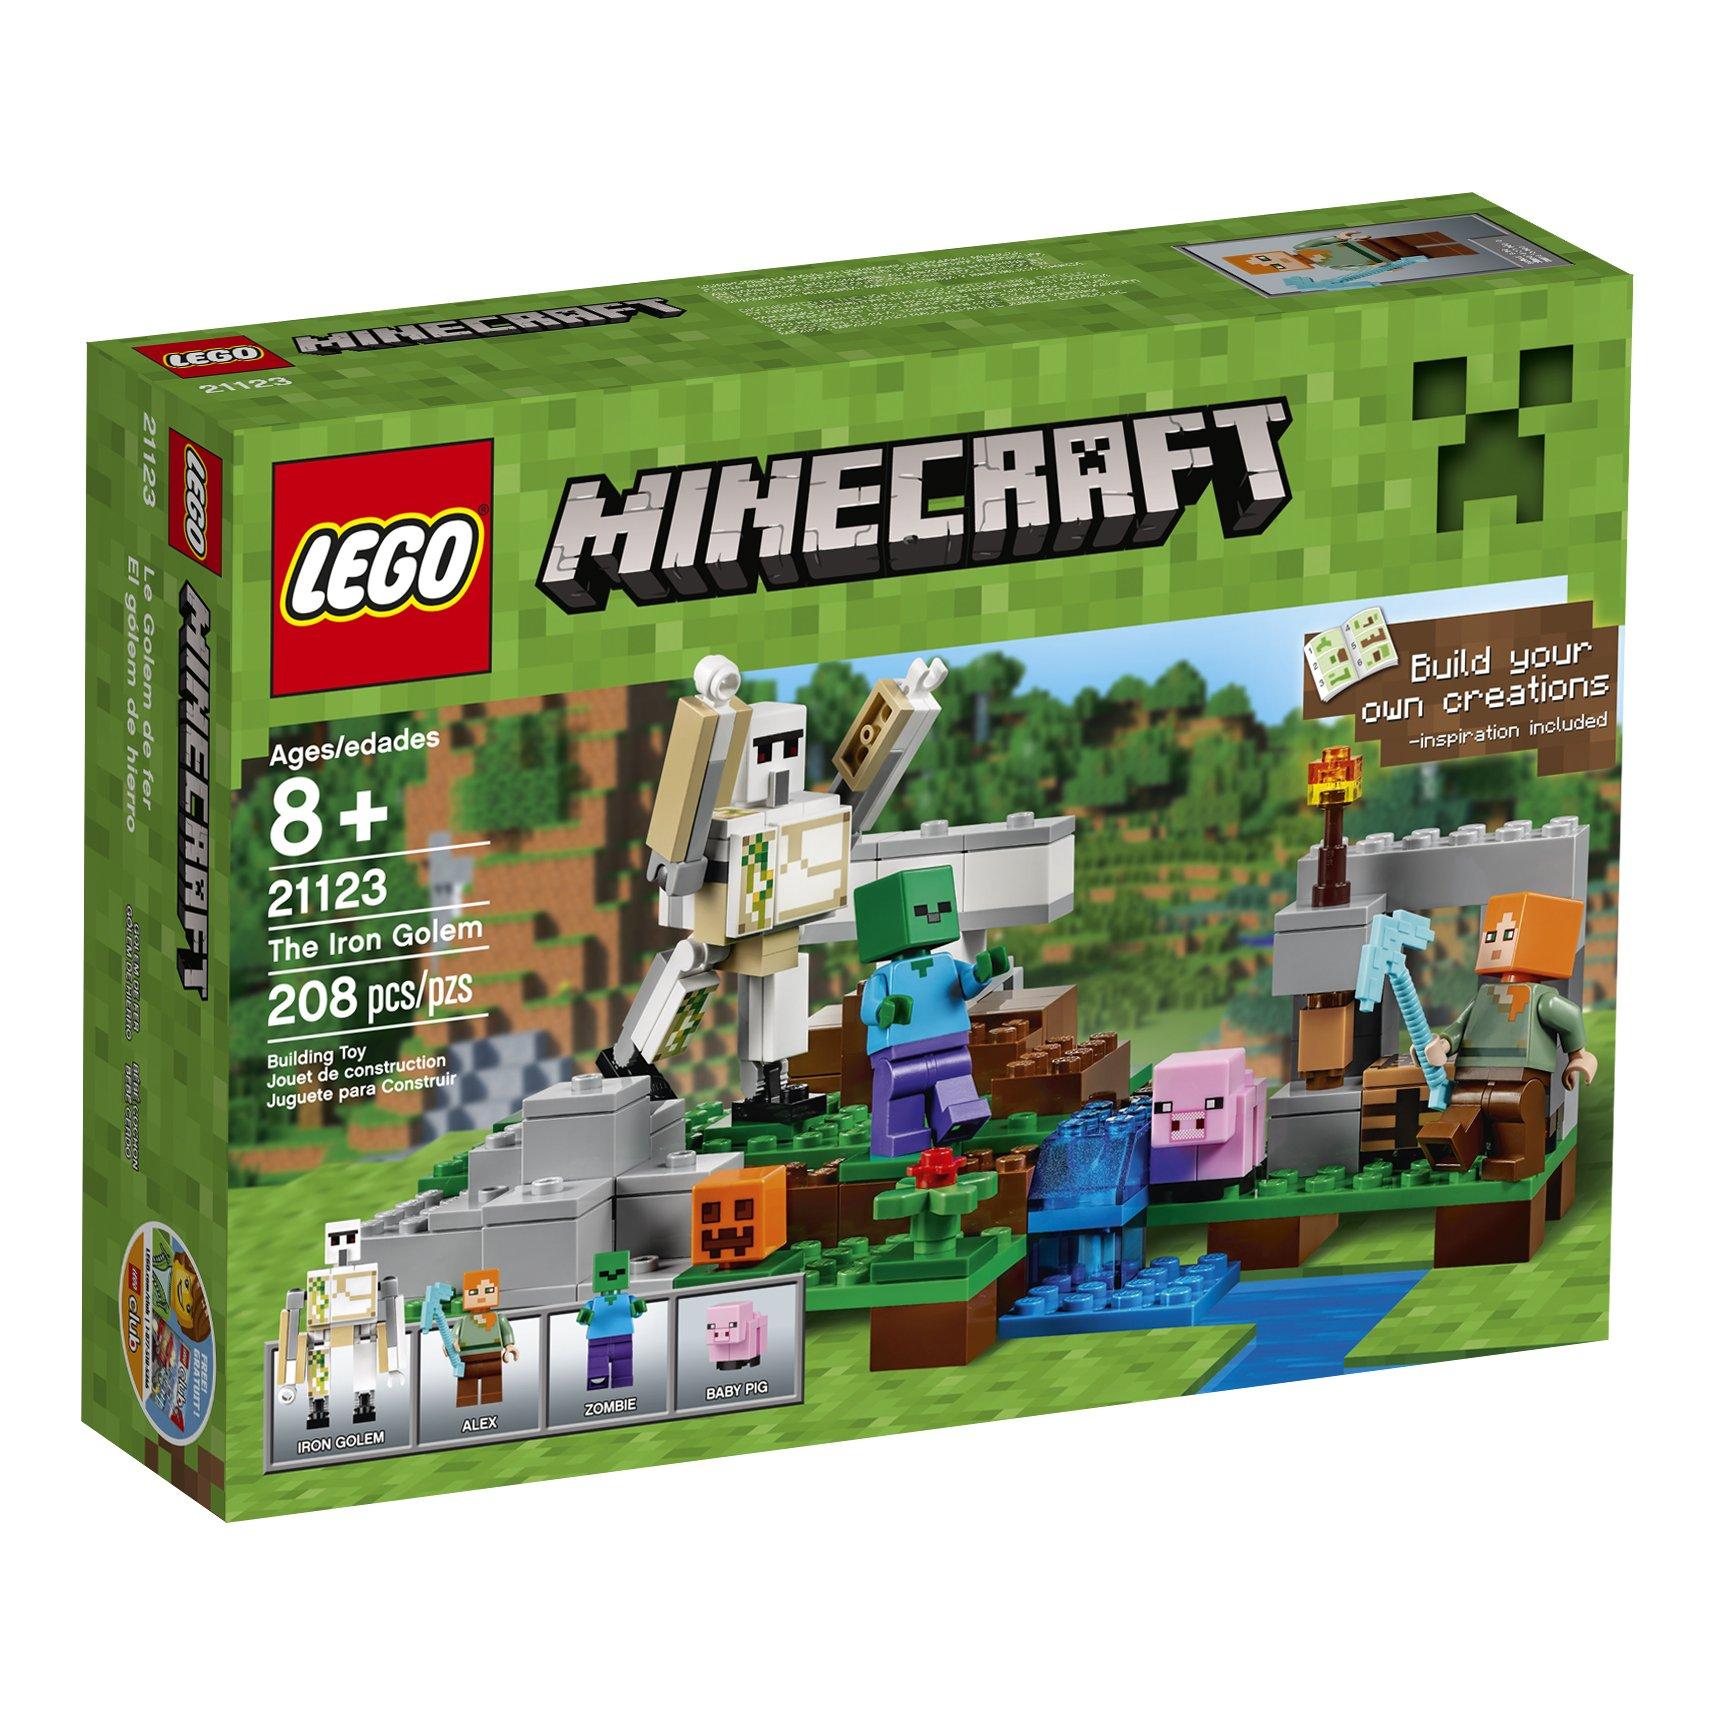 LEGO The Iron Golem